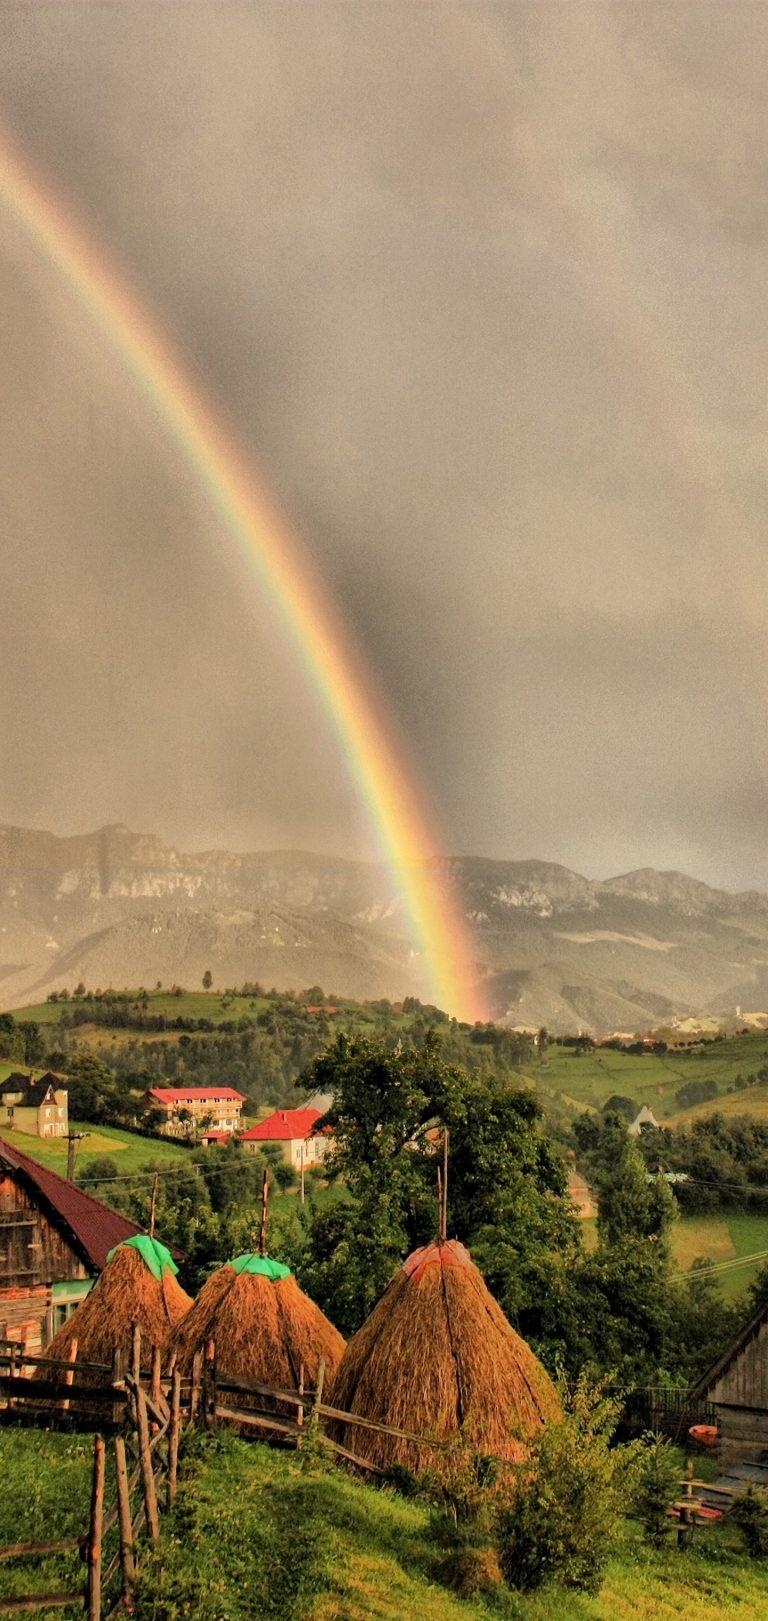 Houses Clouds Rainbow Landscape Wallpaper 1440x3040 768x1621